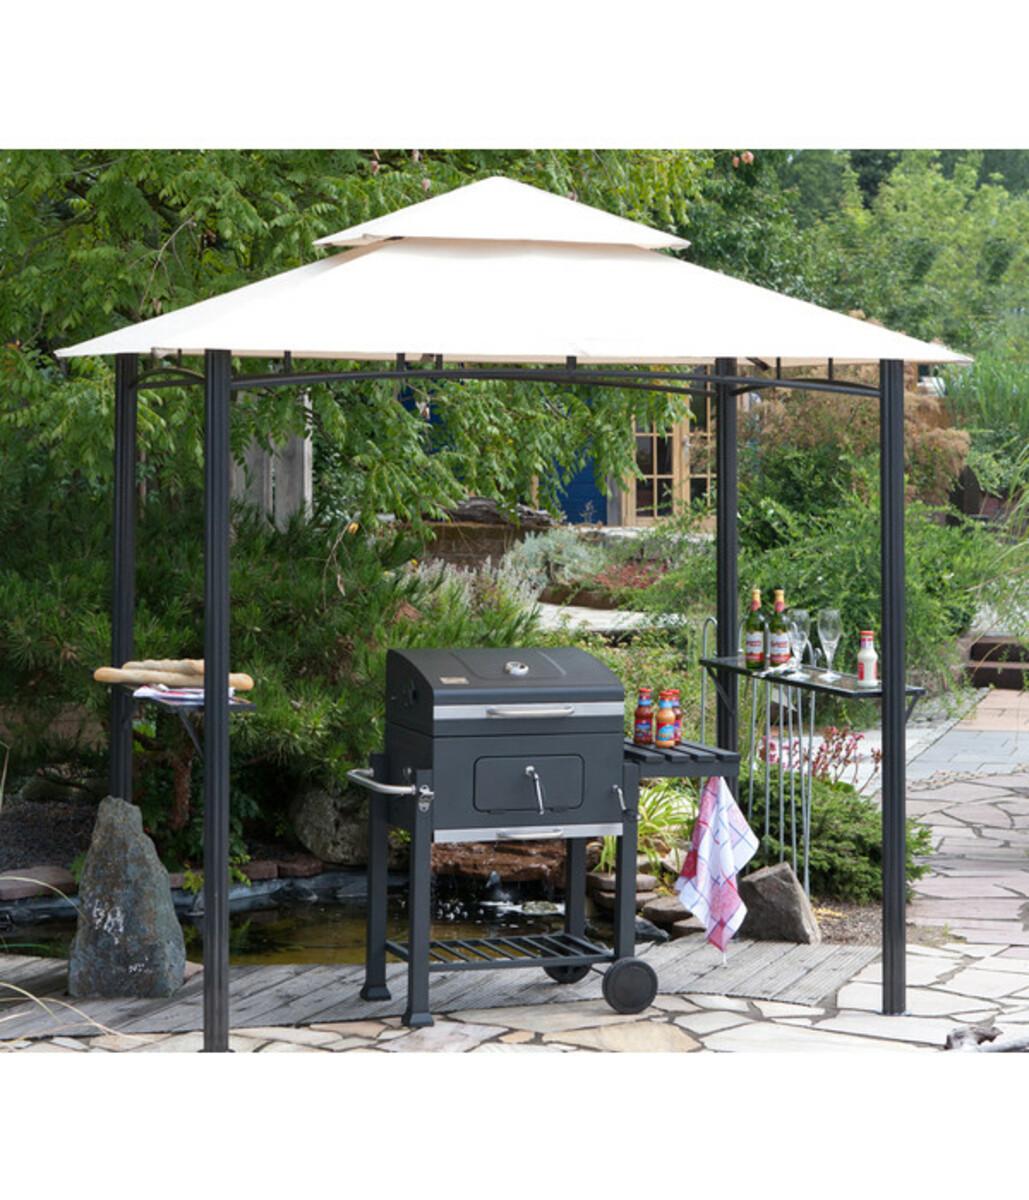 Bild 3 von tepro Garten-/ Grillpavillon, ca. 246 x 154 x 255 cm